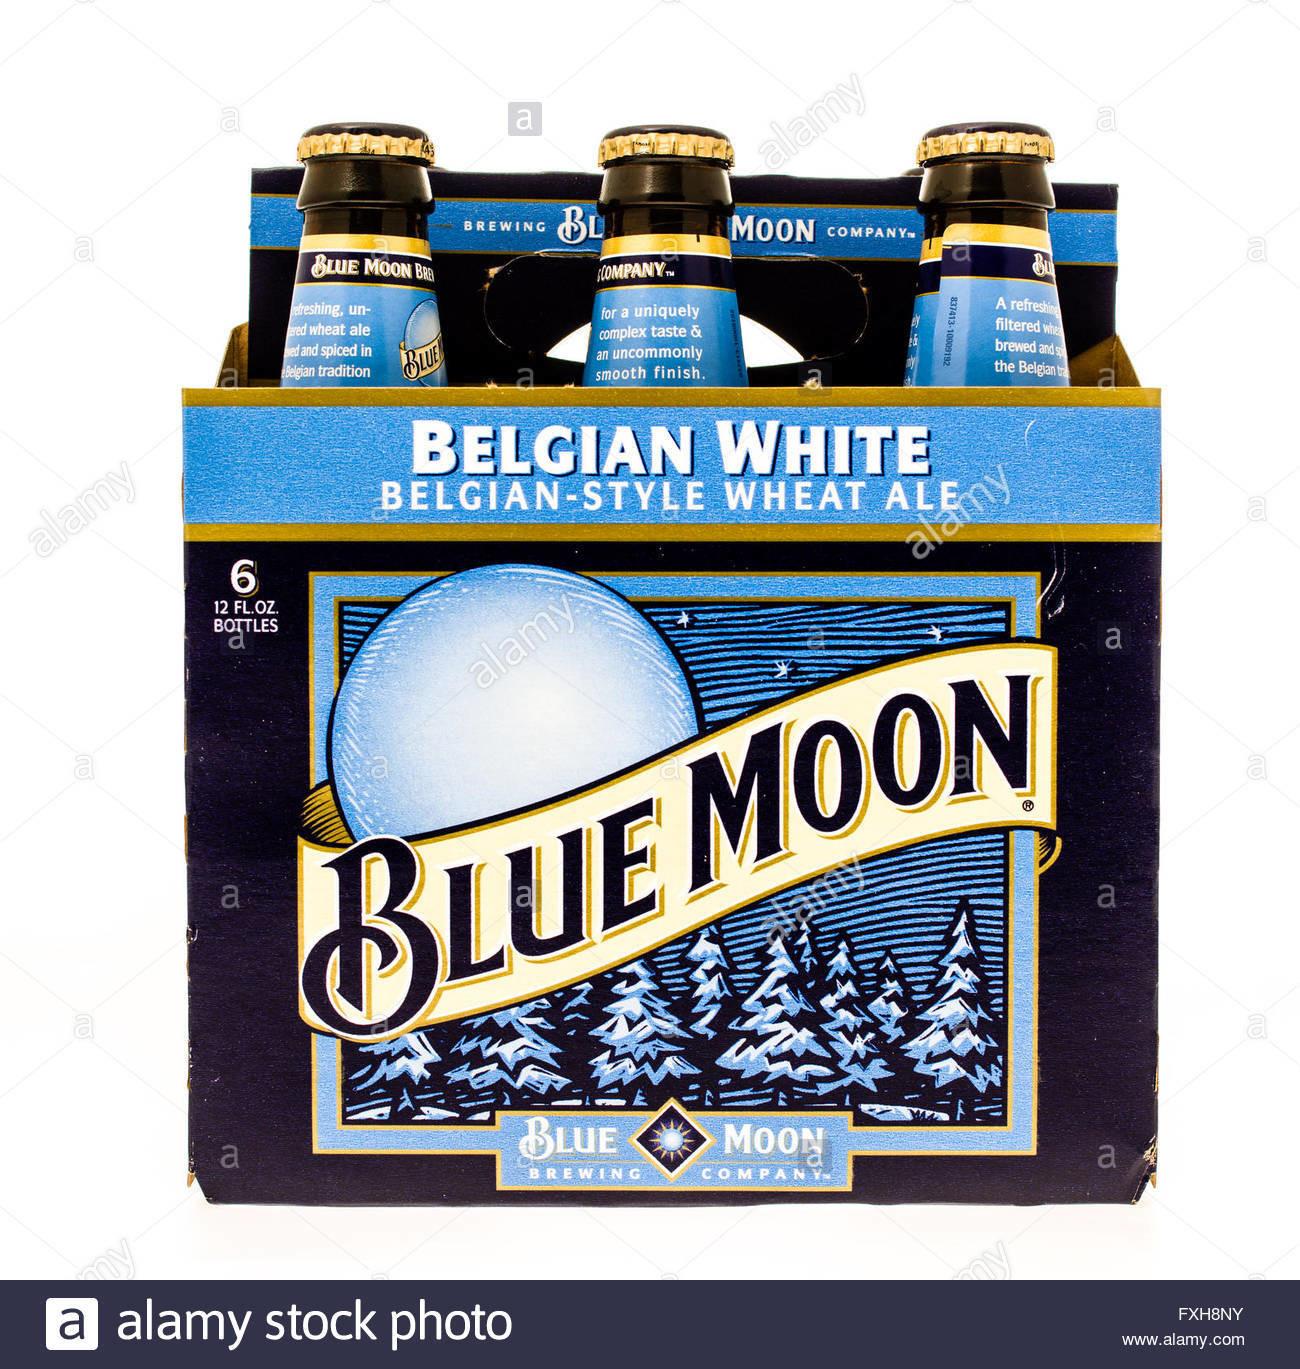 Belgian Moon 13,99$